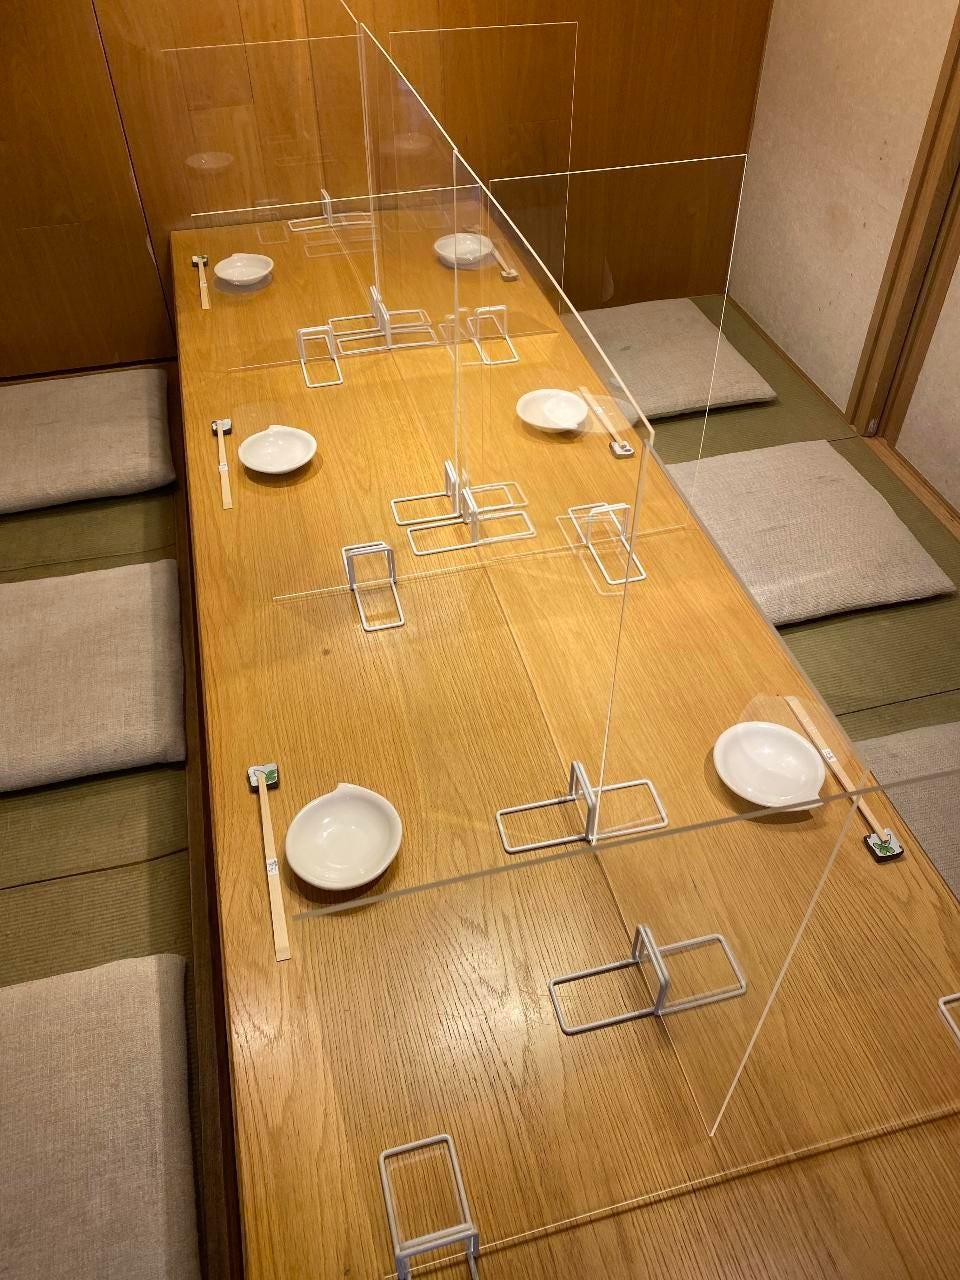 透明アクリル板の設置が可能です。